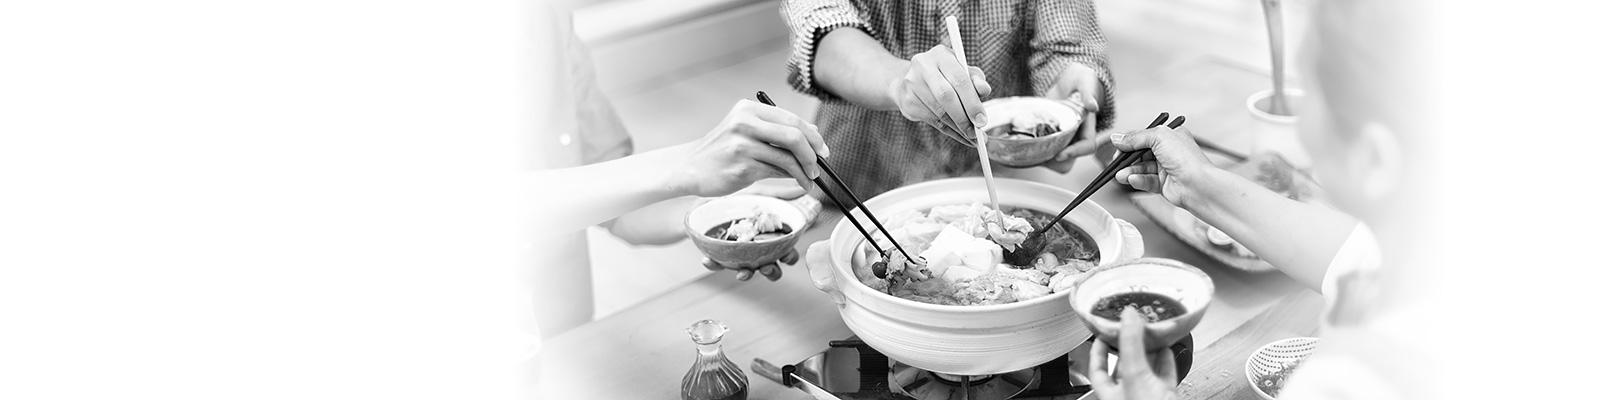 鍋 料理 家族 イメージ